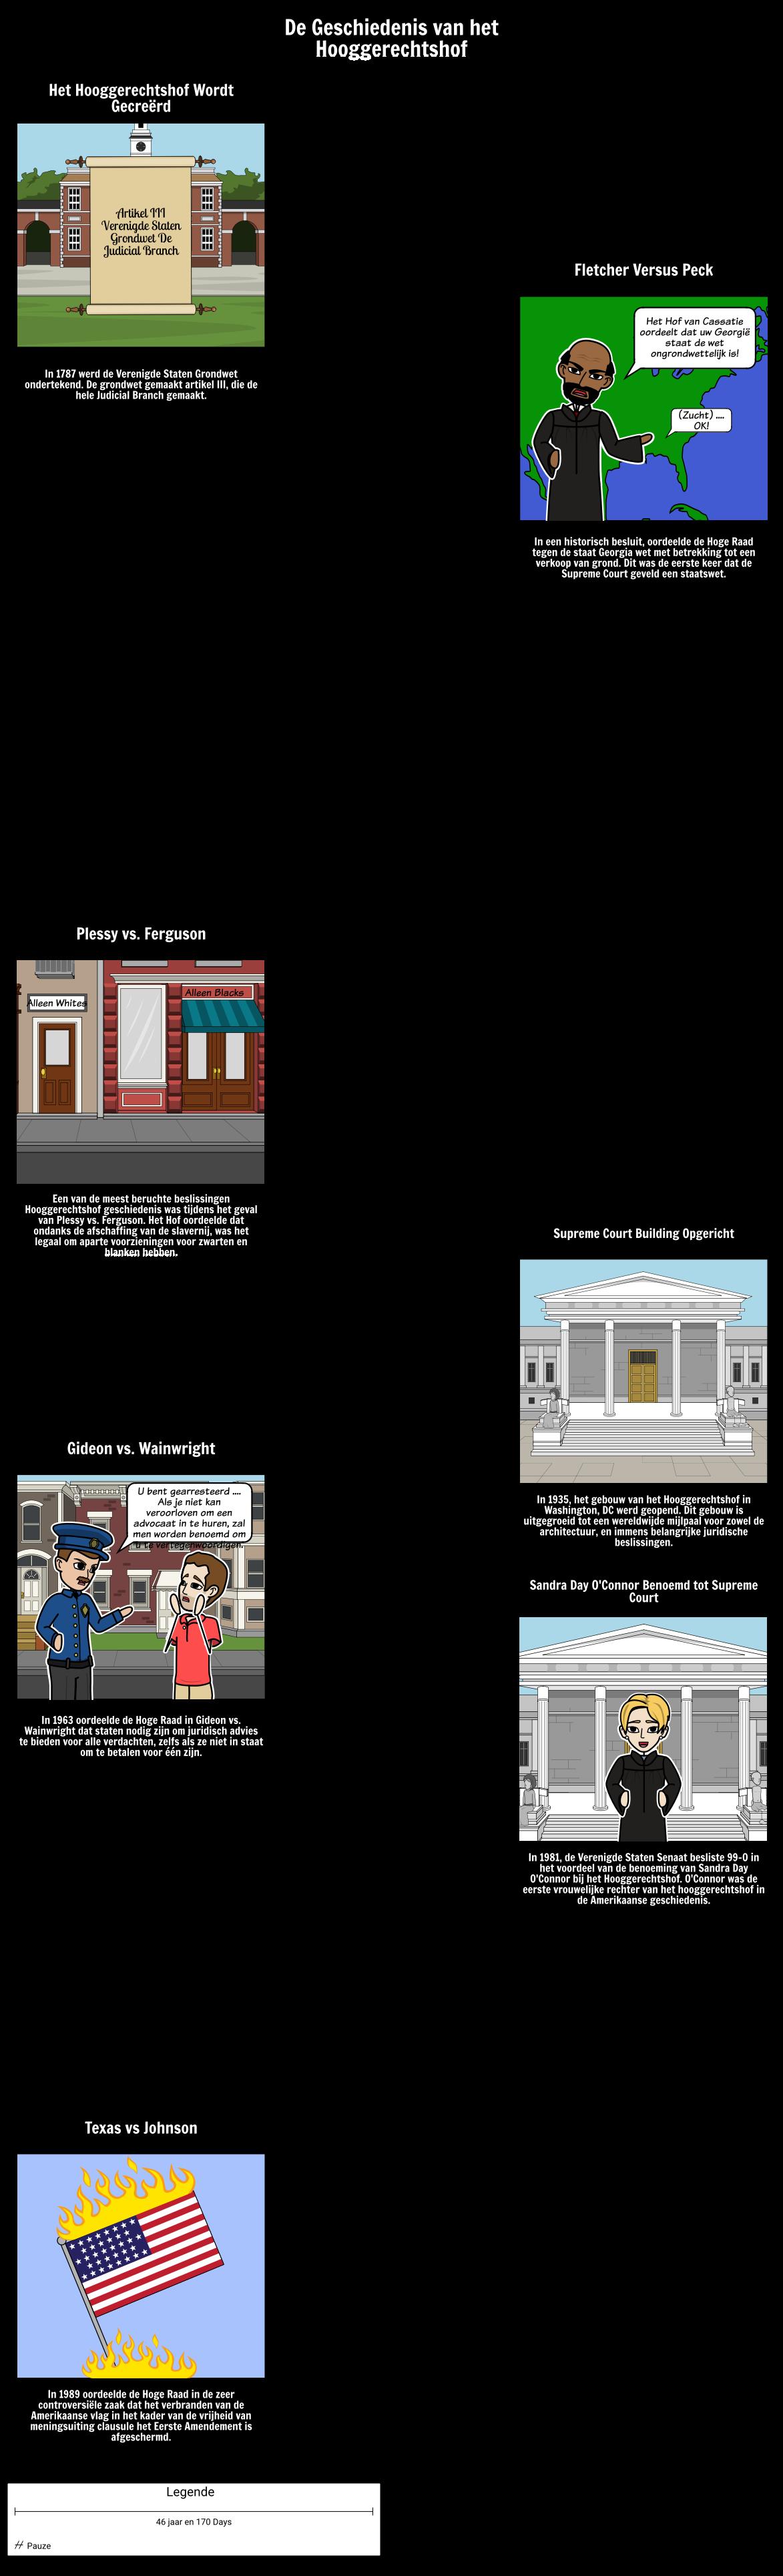 Een Geschiedenis van het Hooggerechtshof Timeline